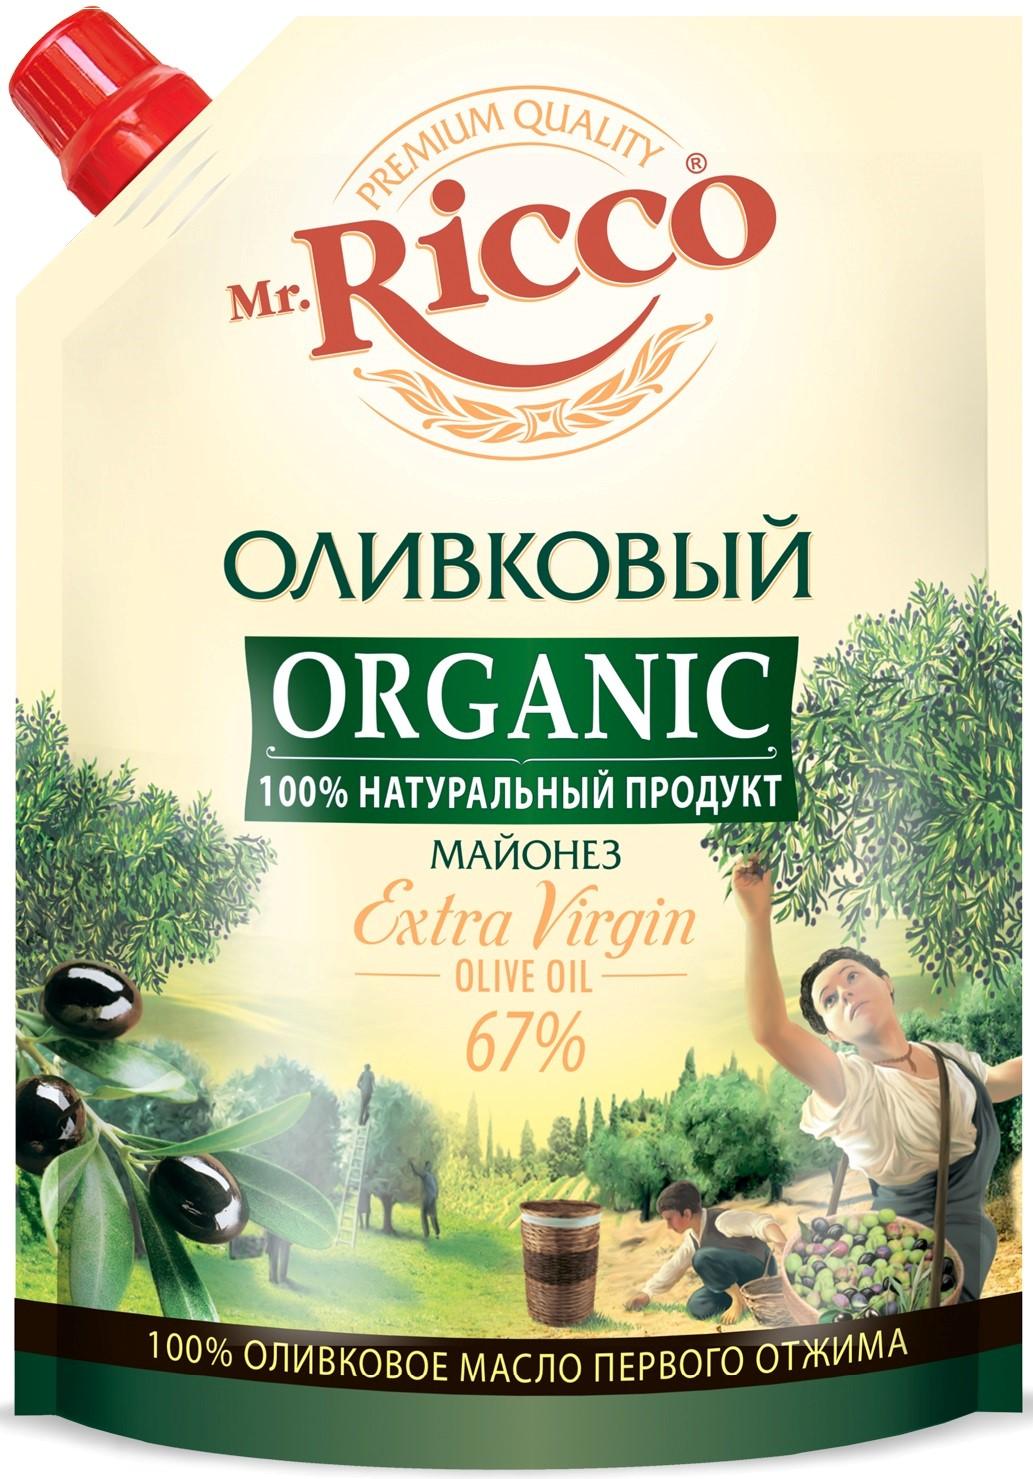 Какой оливковый майонез можно назвать хорошим: белый список Роскачества